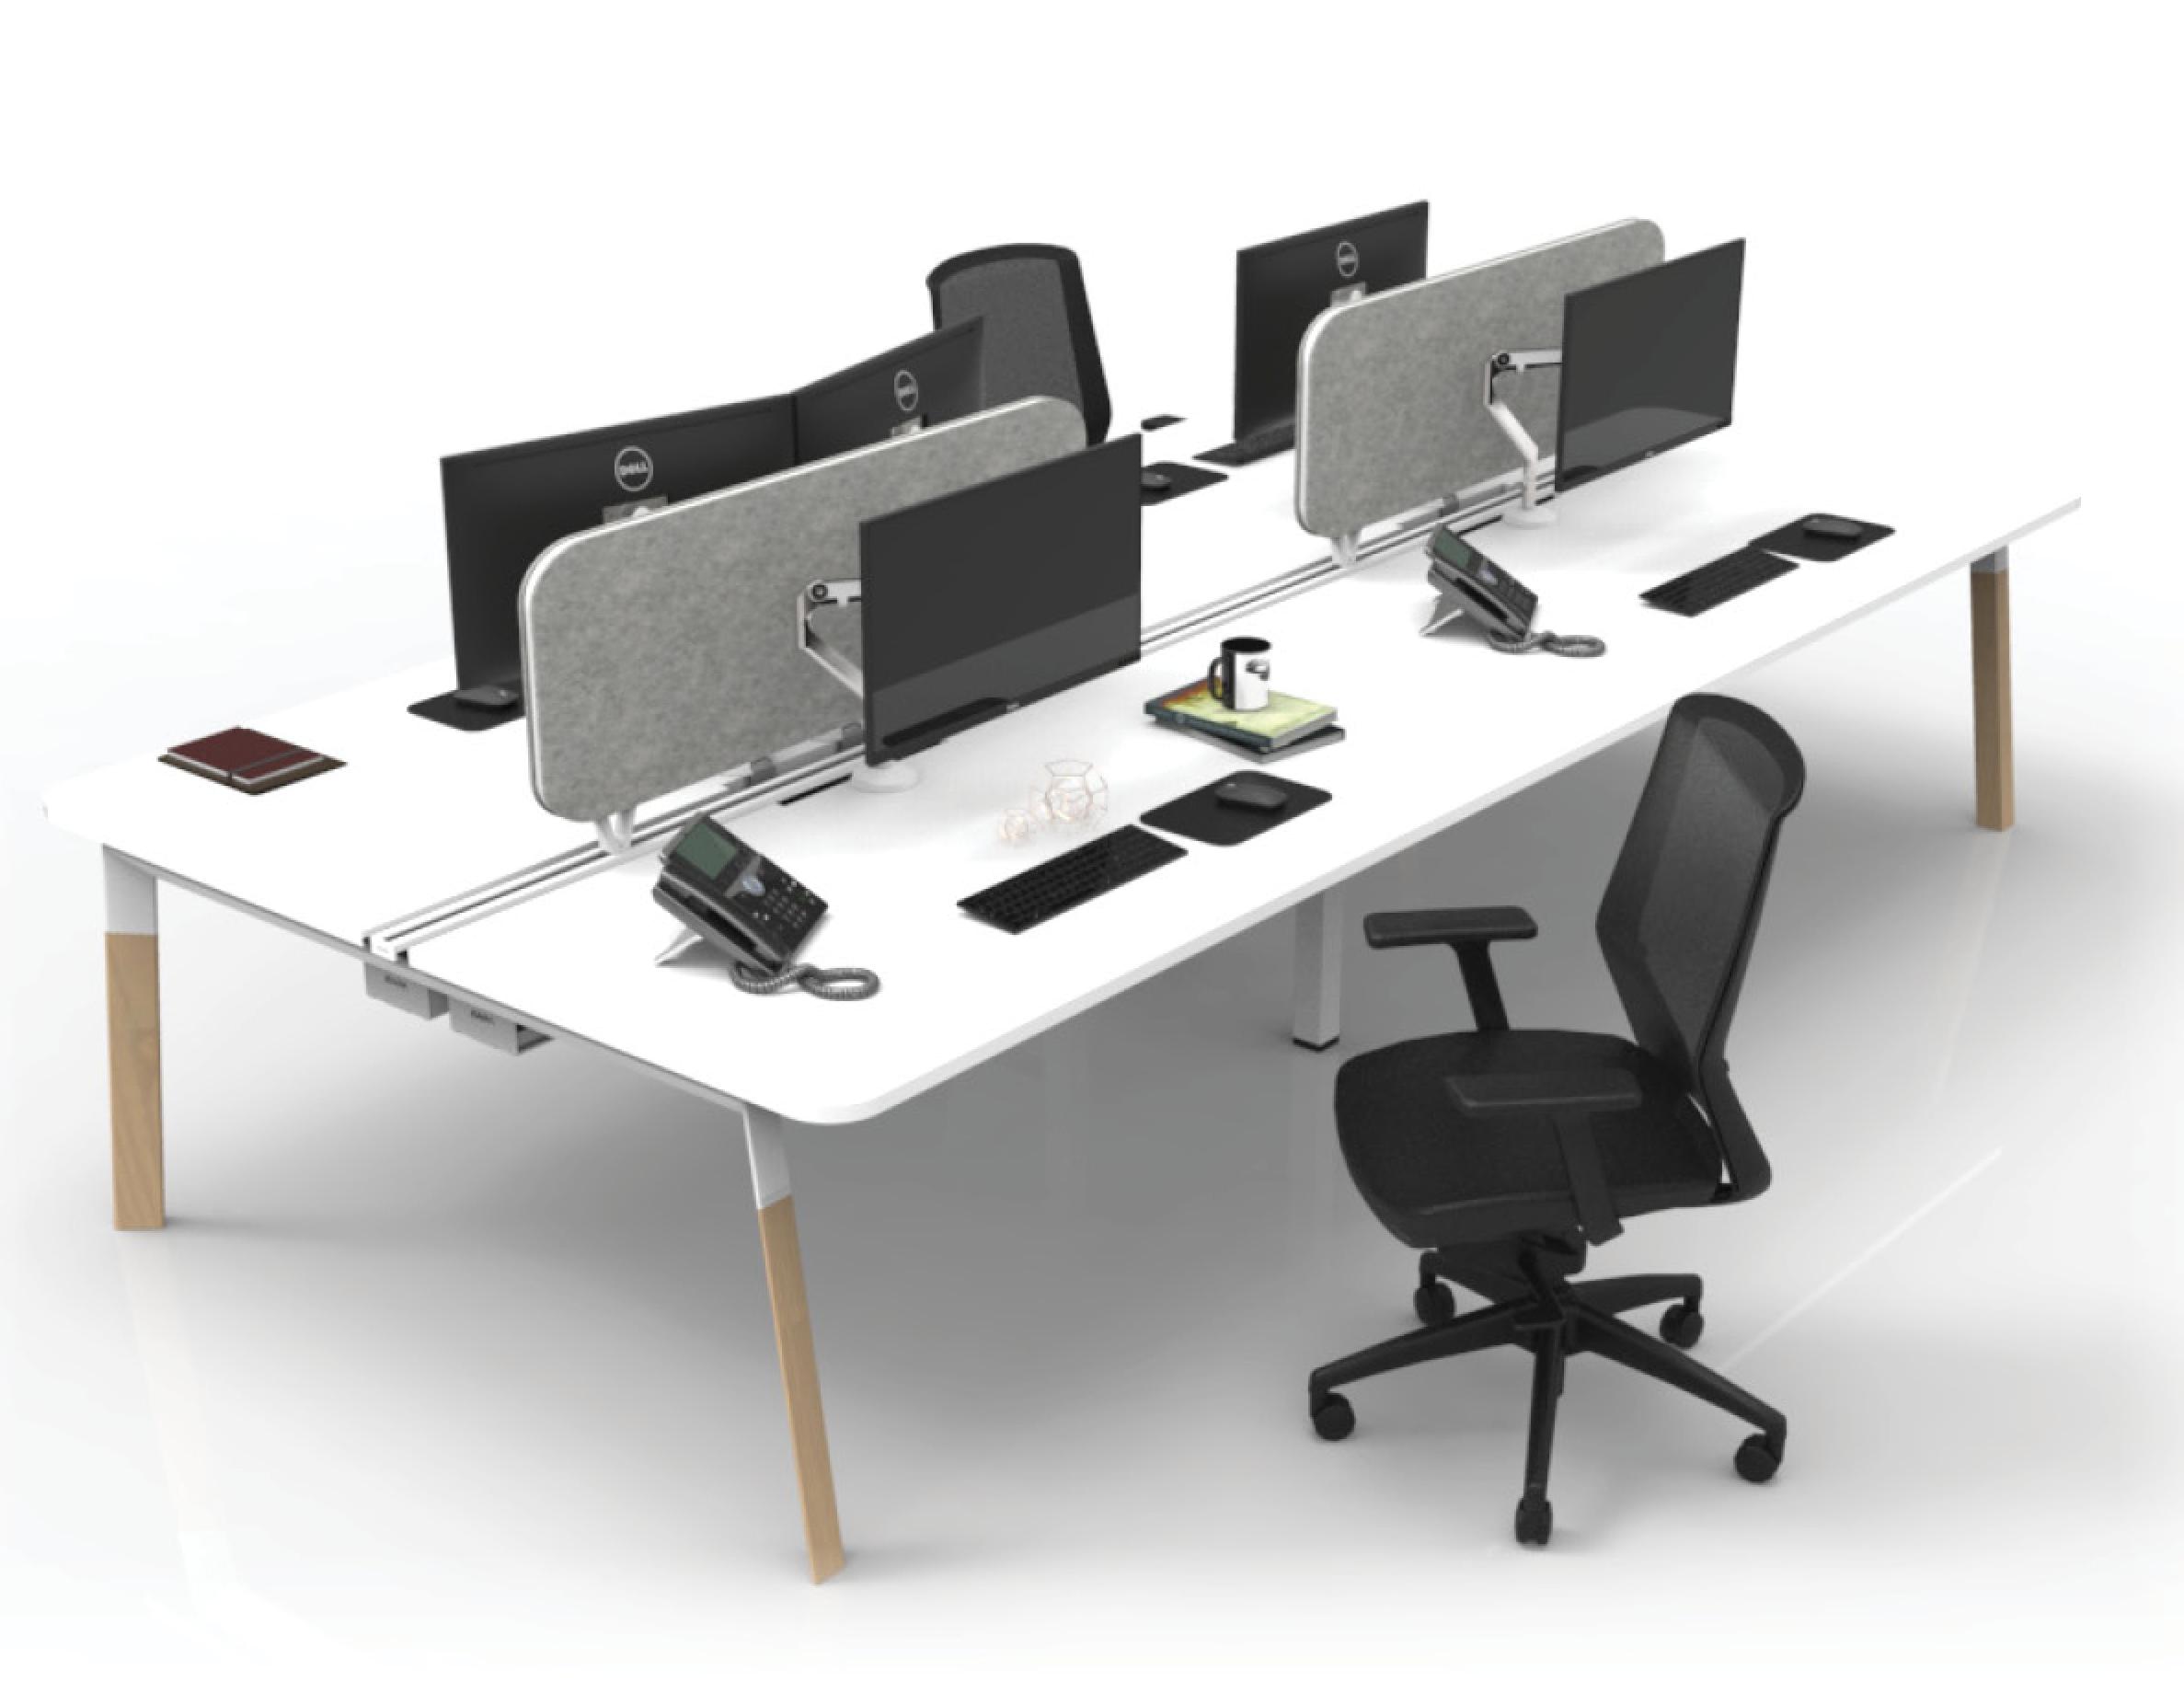 V6 blade desk with insert rail